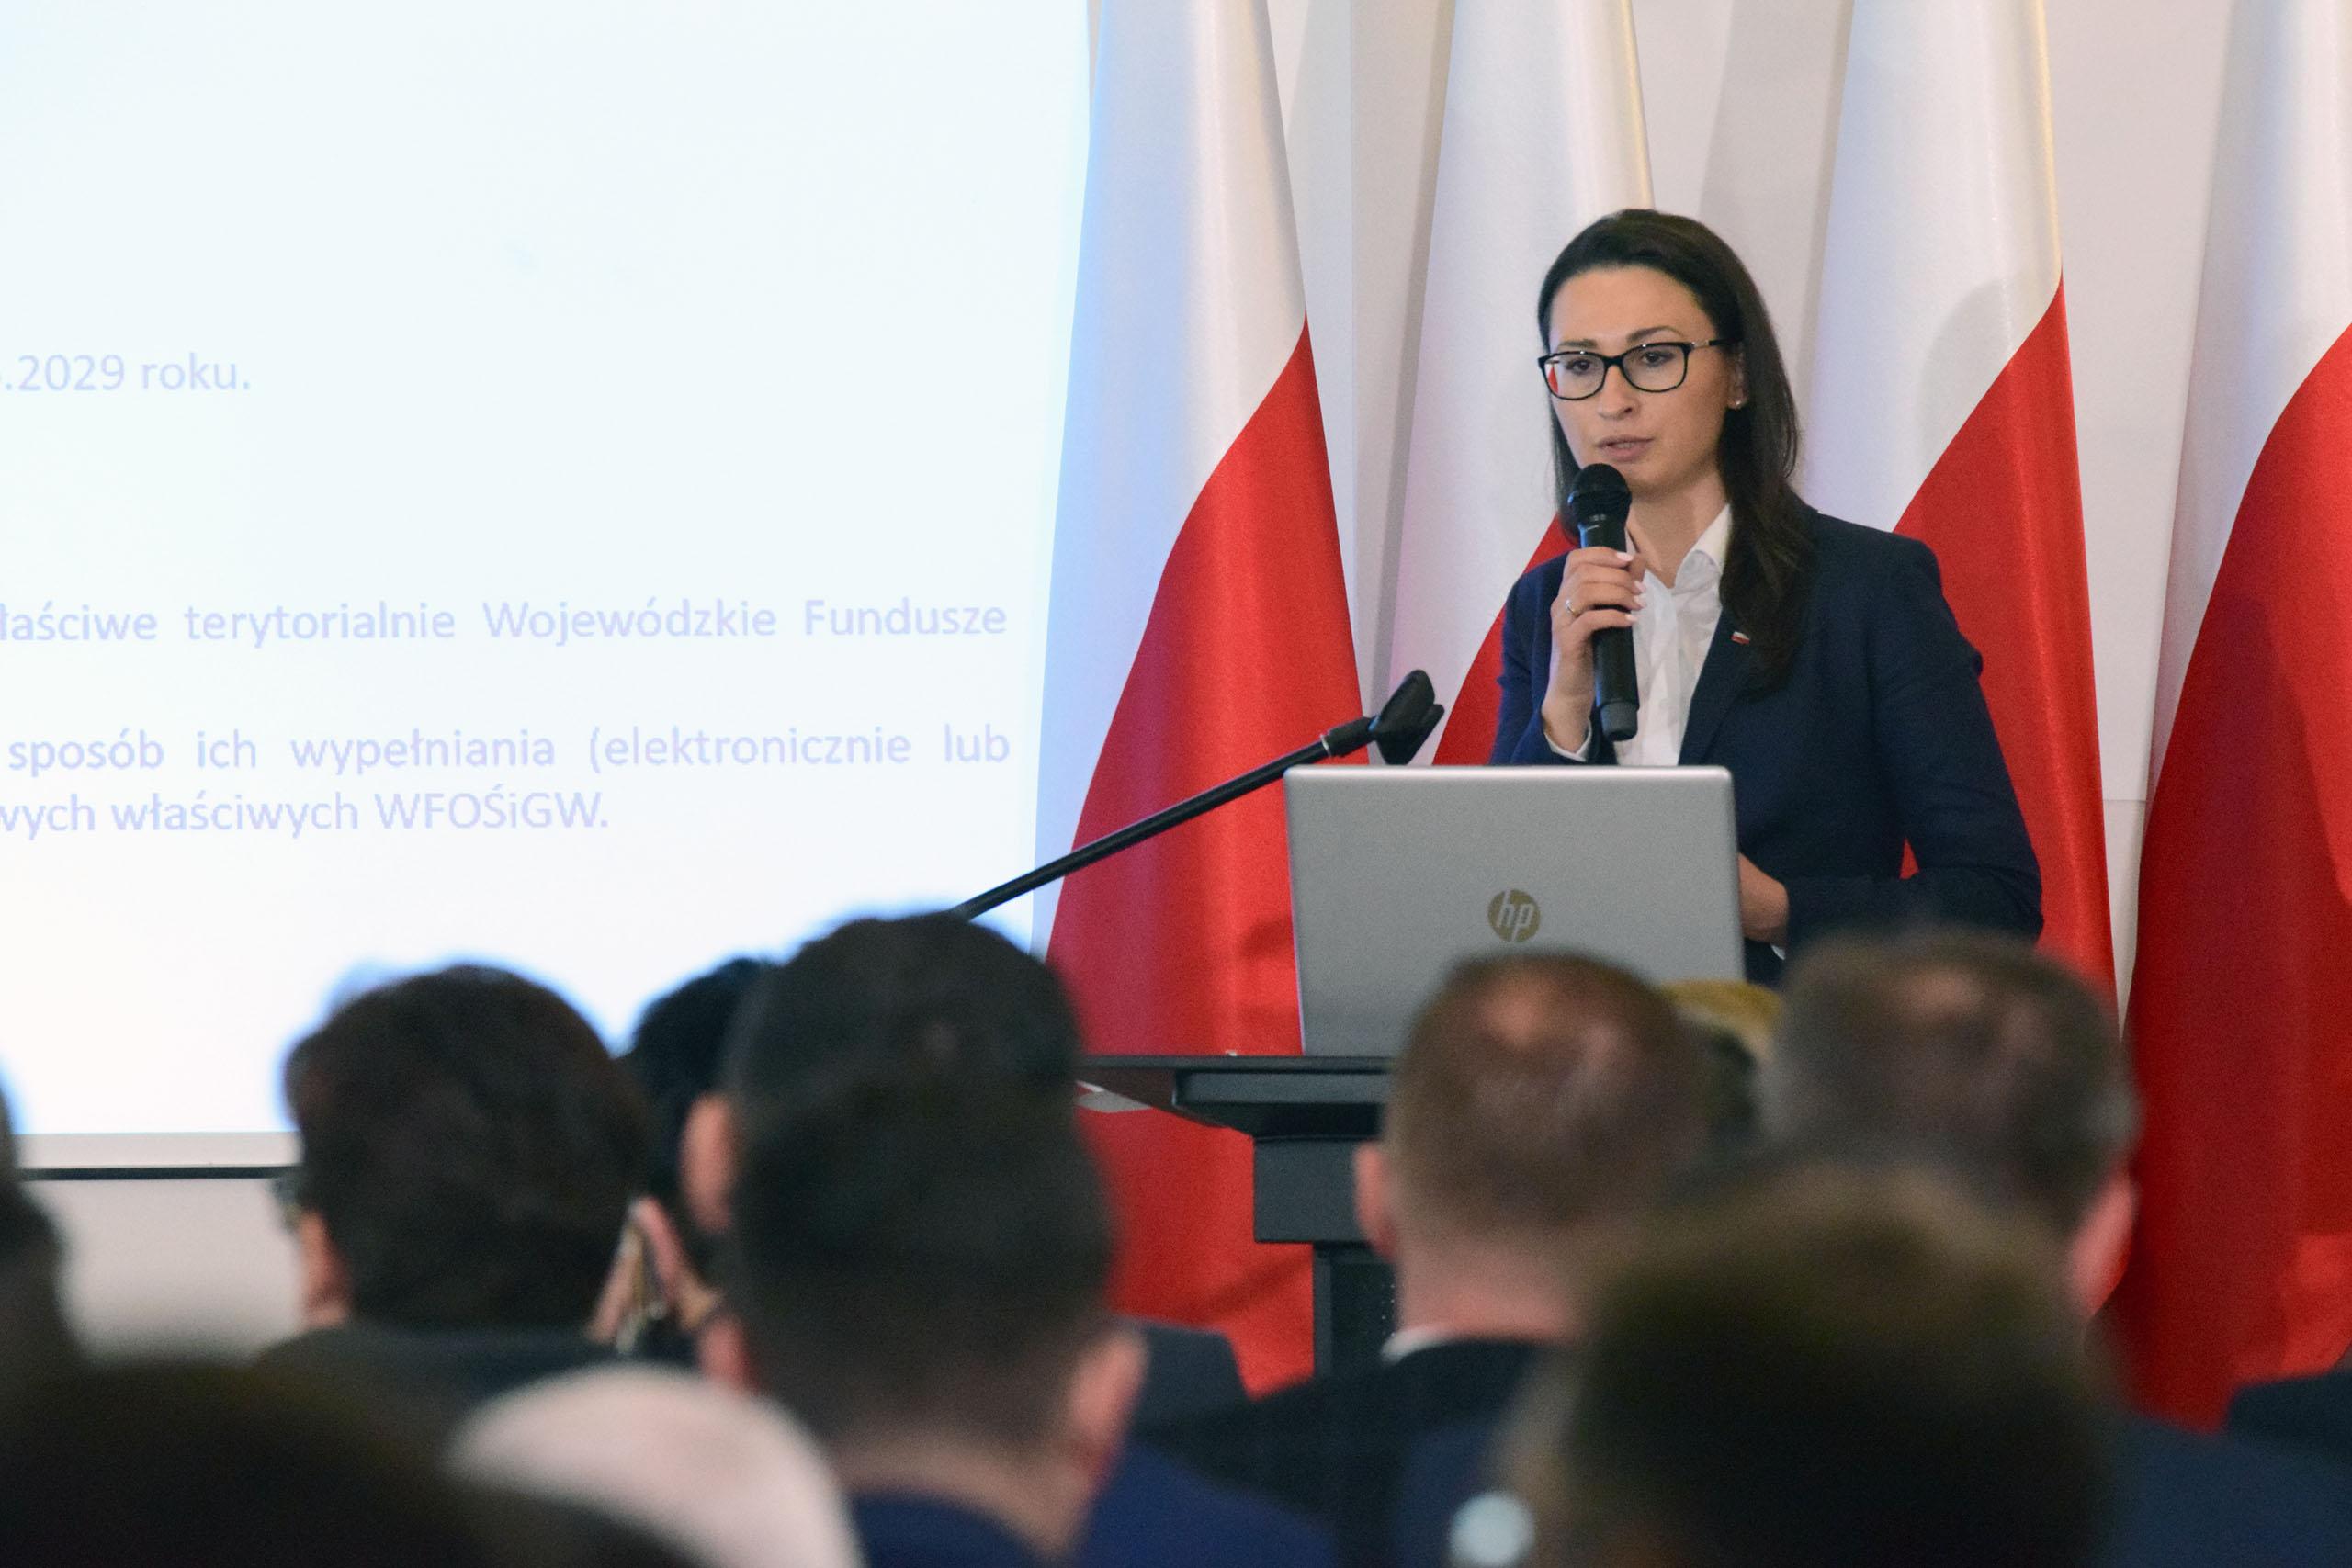 Wiceminister Małgorzata Golińska